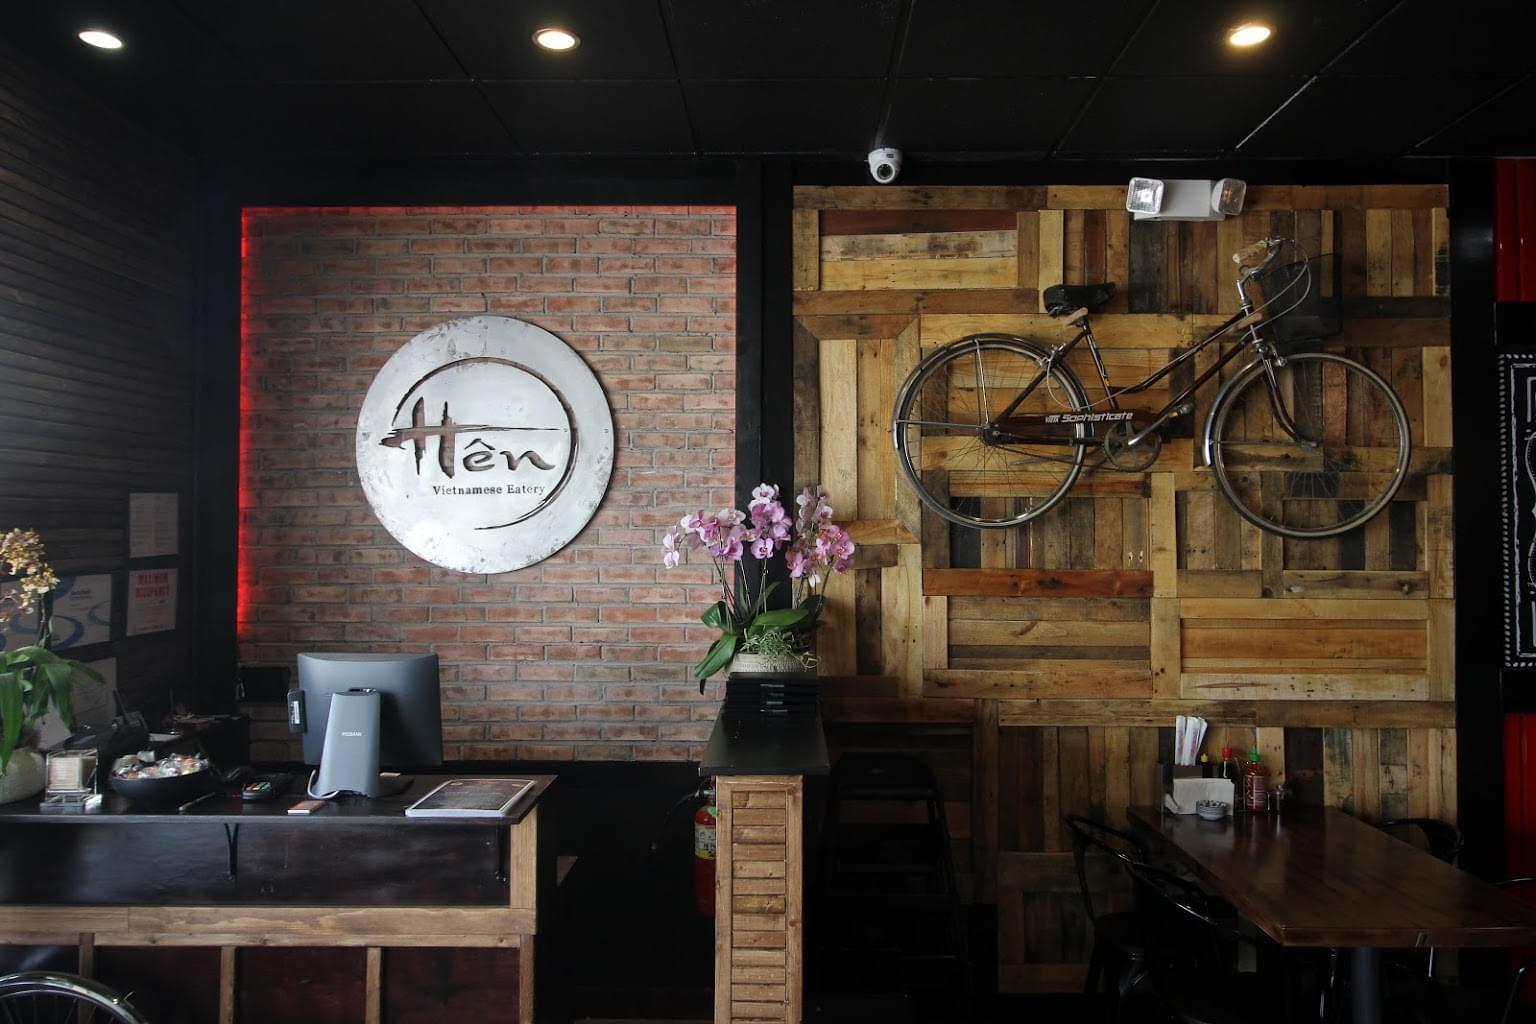 Hen Eatery Vietnamese Restaurant in Cherry Hill, NJ